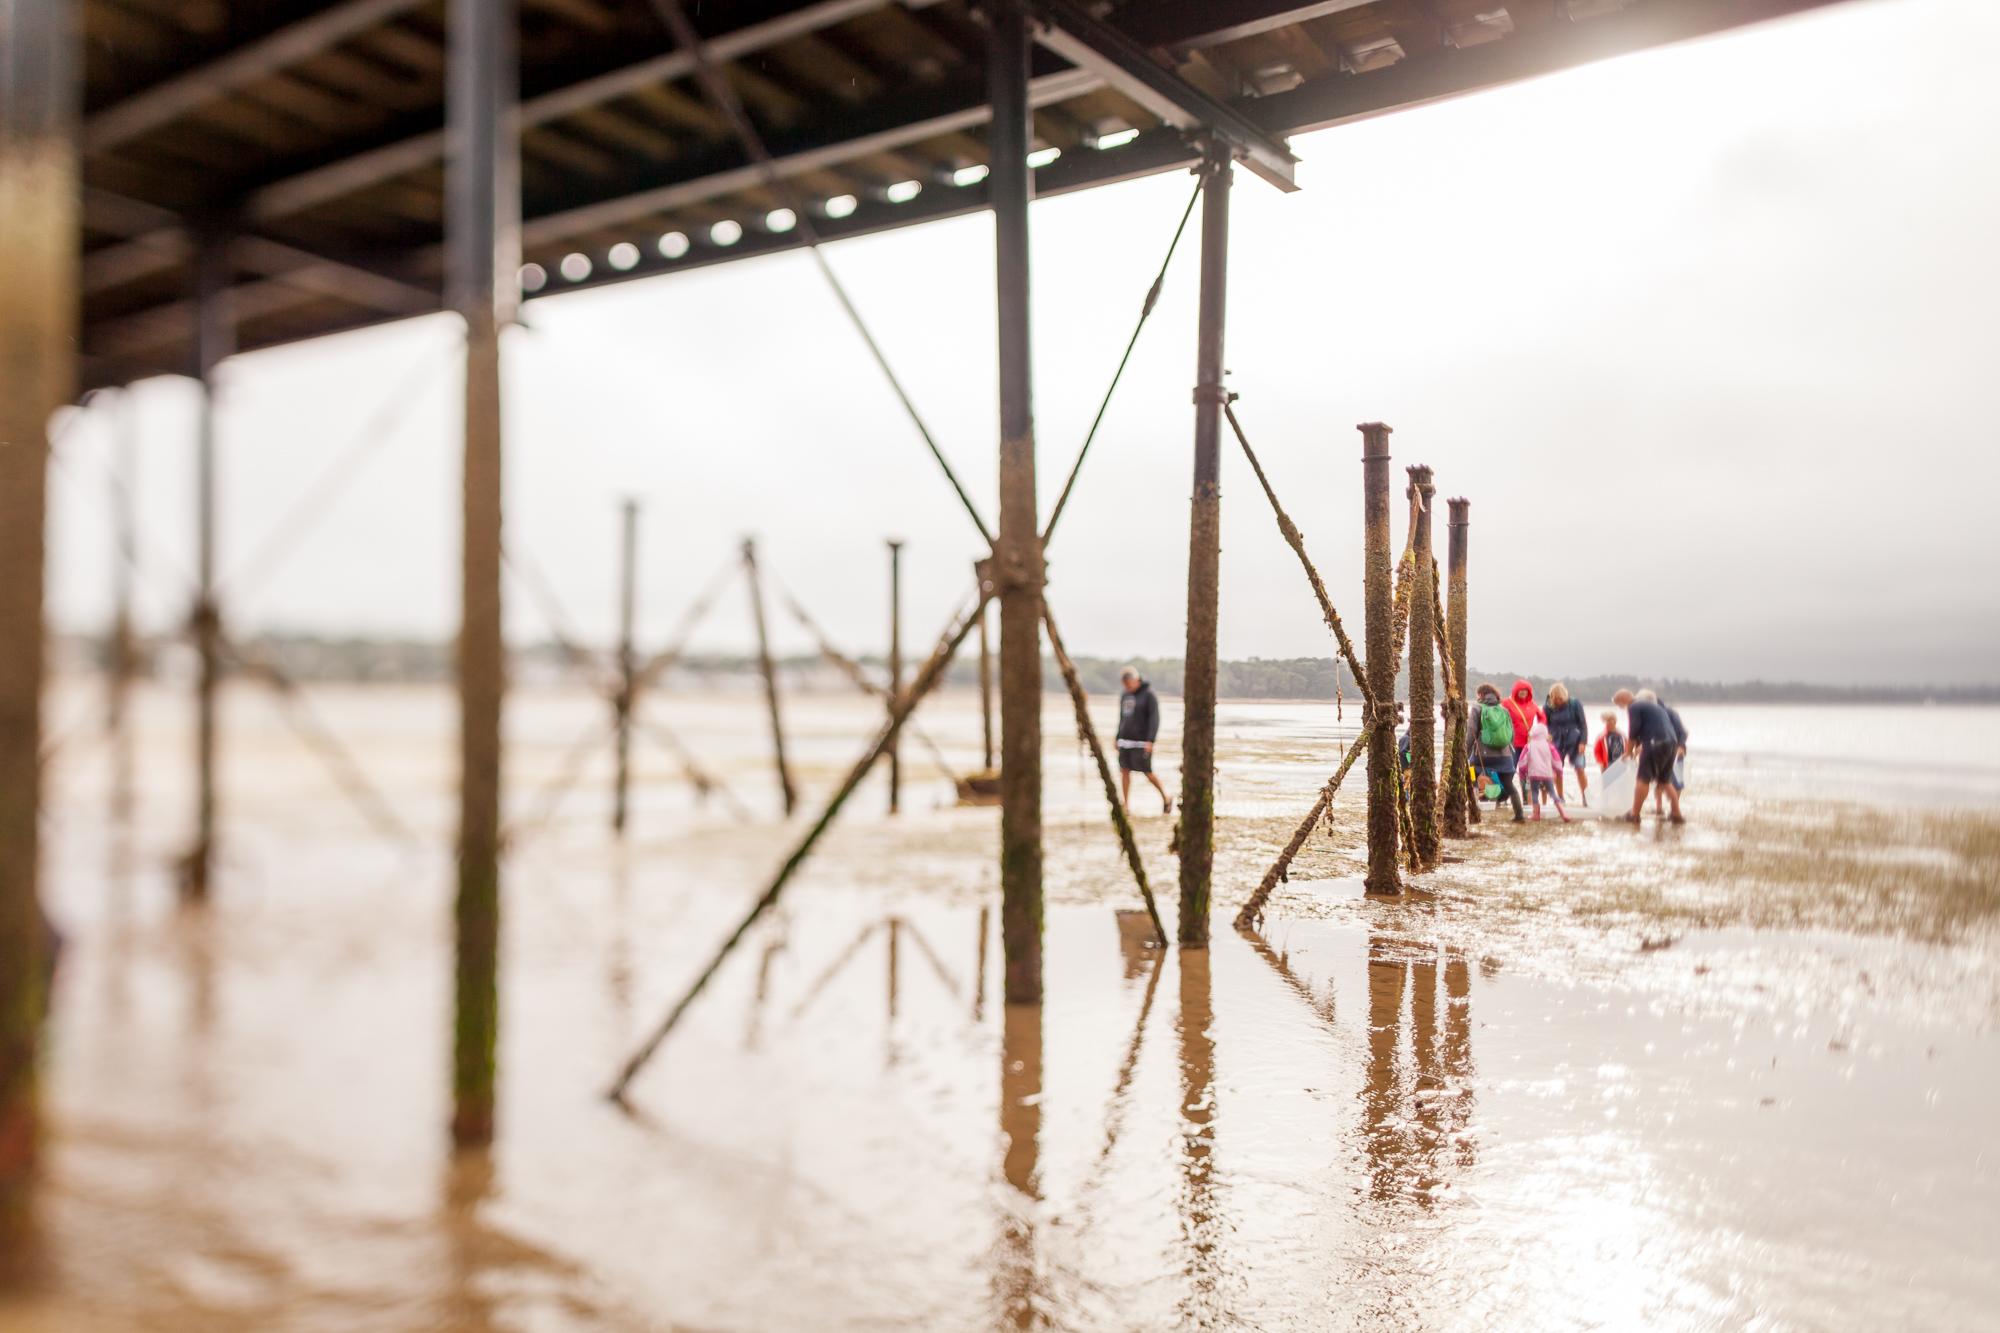 Under The Pier 2016 Image Julian Winslow (87).jpg